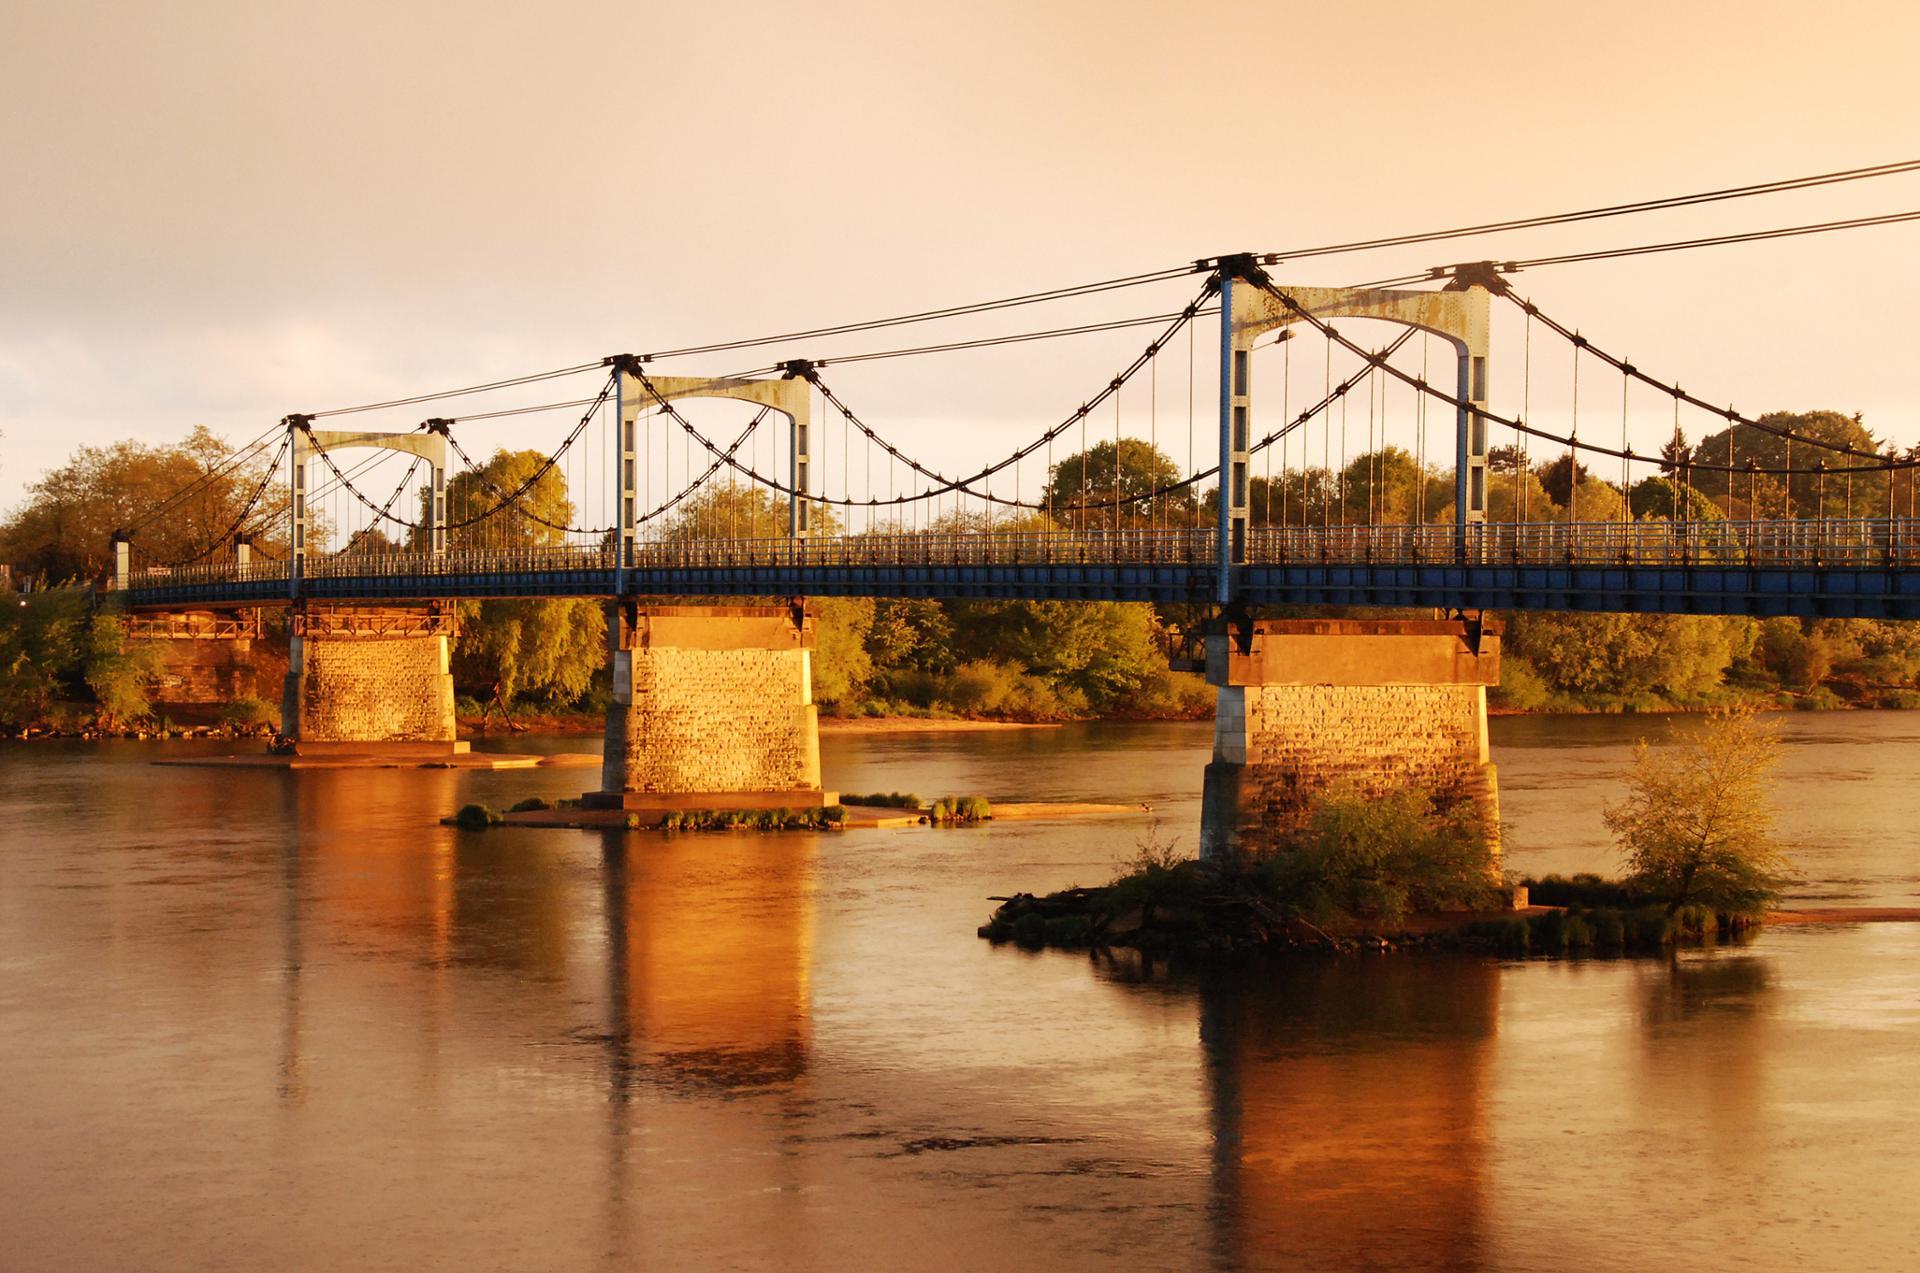 Yellow Bridge Road